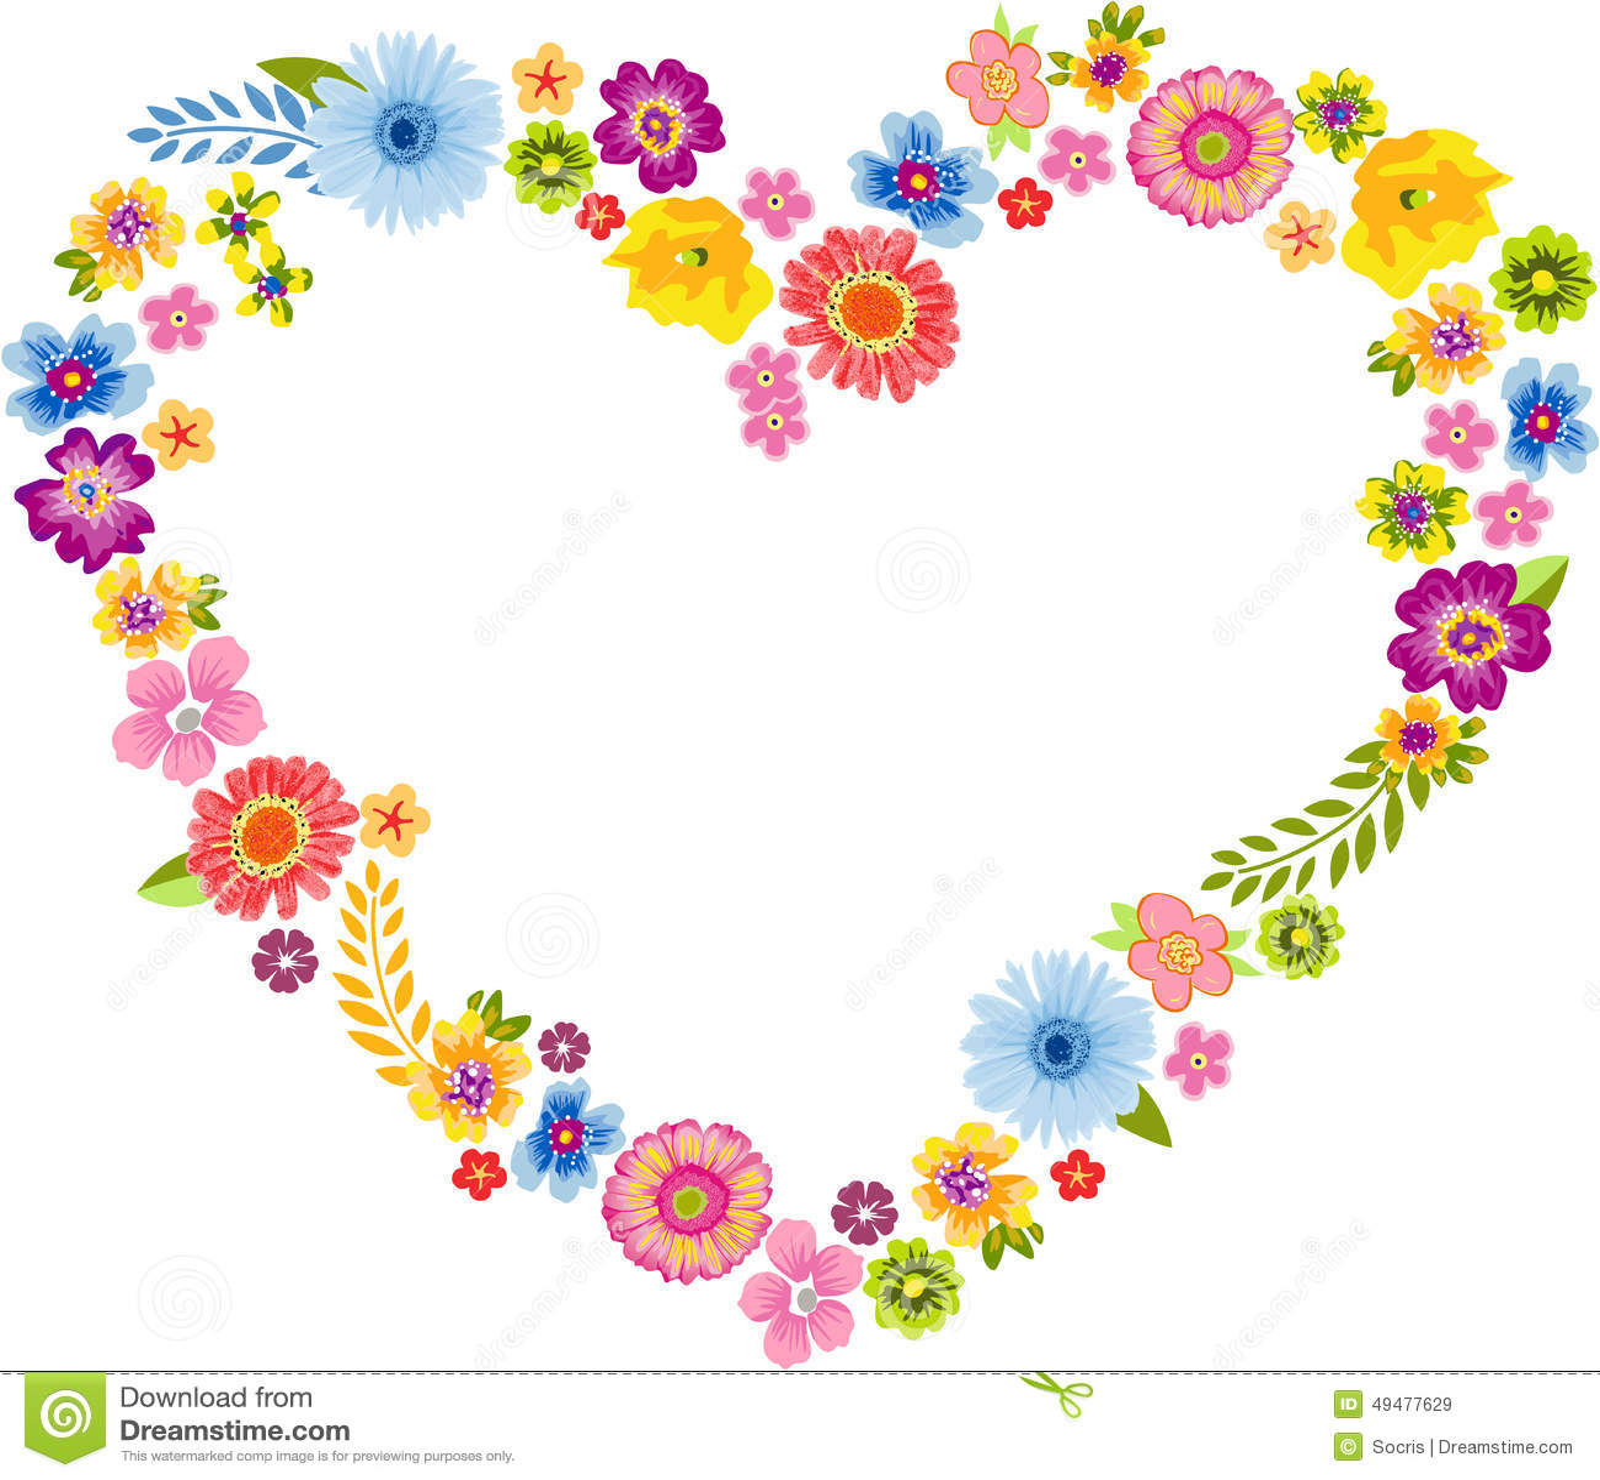 M Letter In Heart Heart Spring Flower Fr...